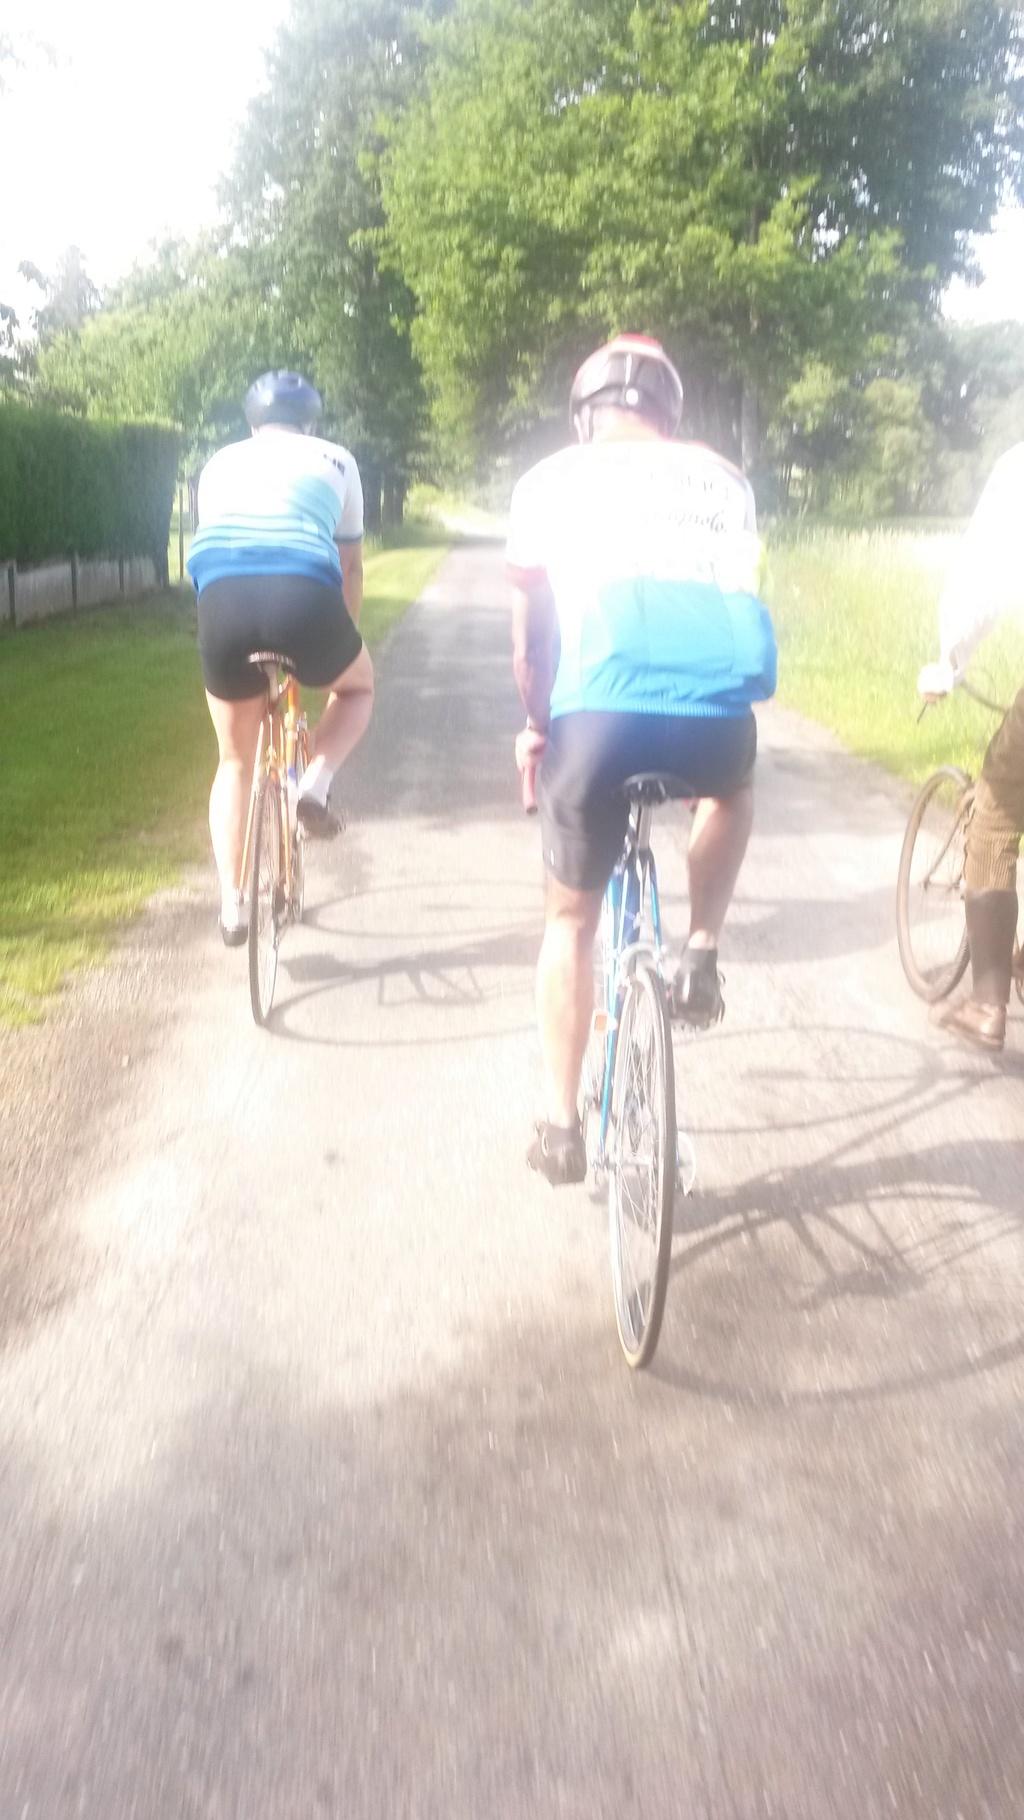 rando vélo vintage 87400 LA MEYZE  ( prés de limoges ) dimanche 10 juin 2018  03310